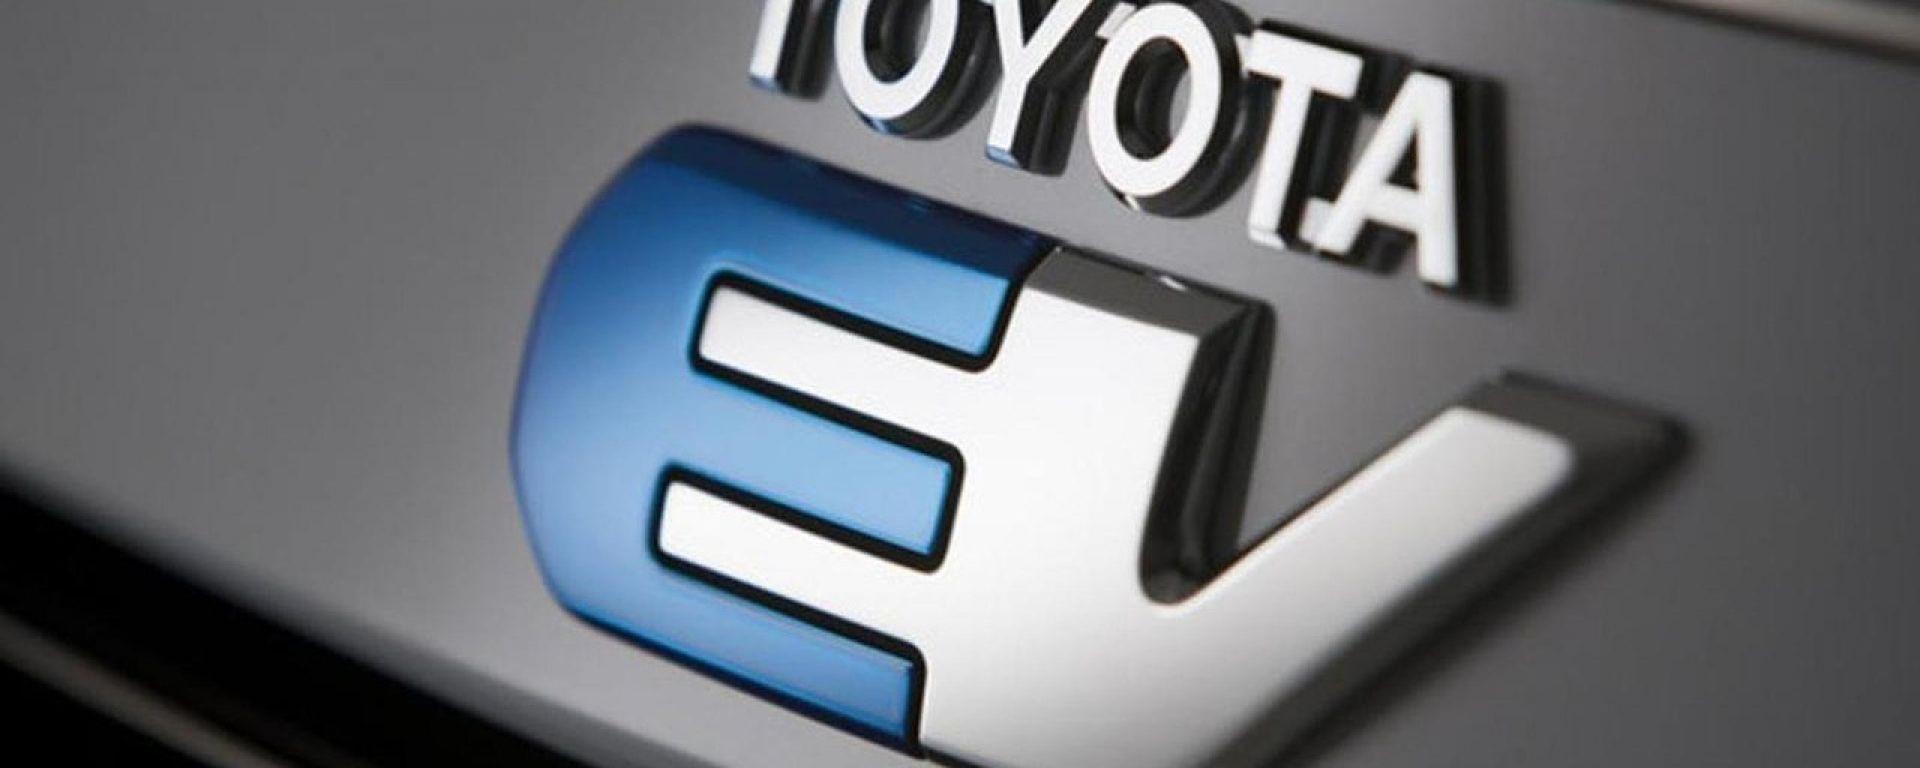 Toyota: l'auto elettrica avrà batterie allo stato solido